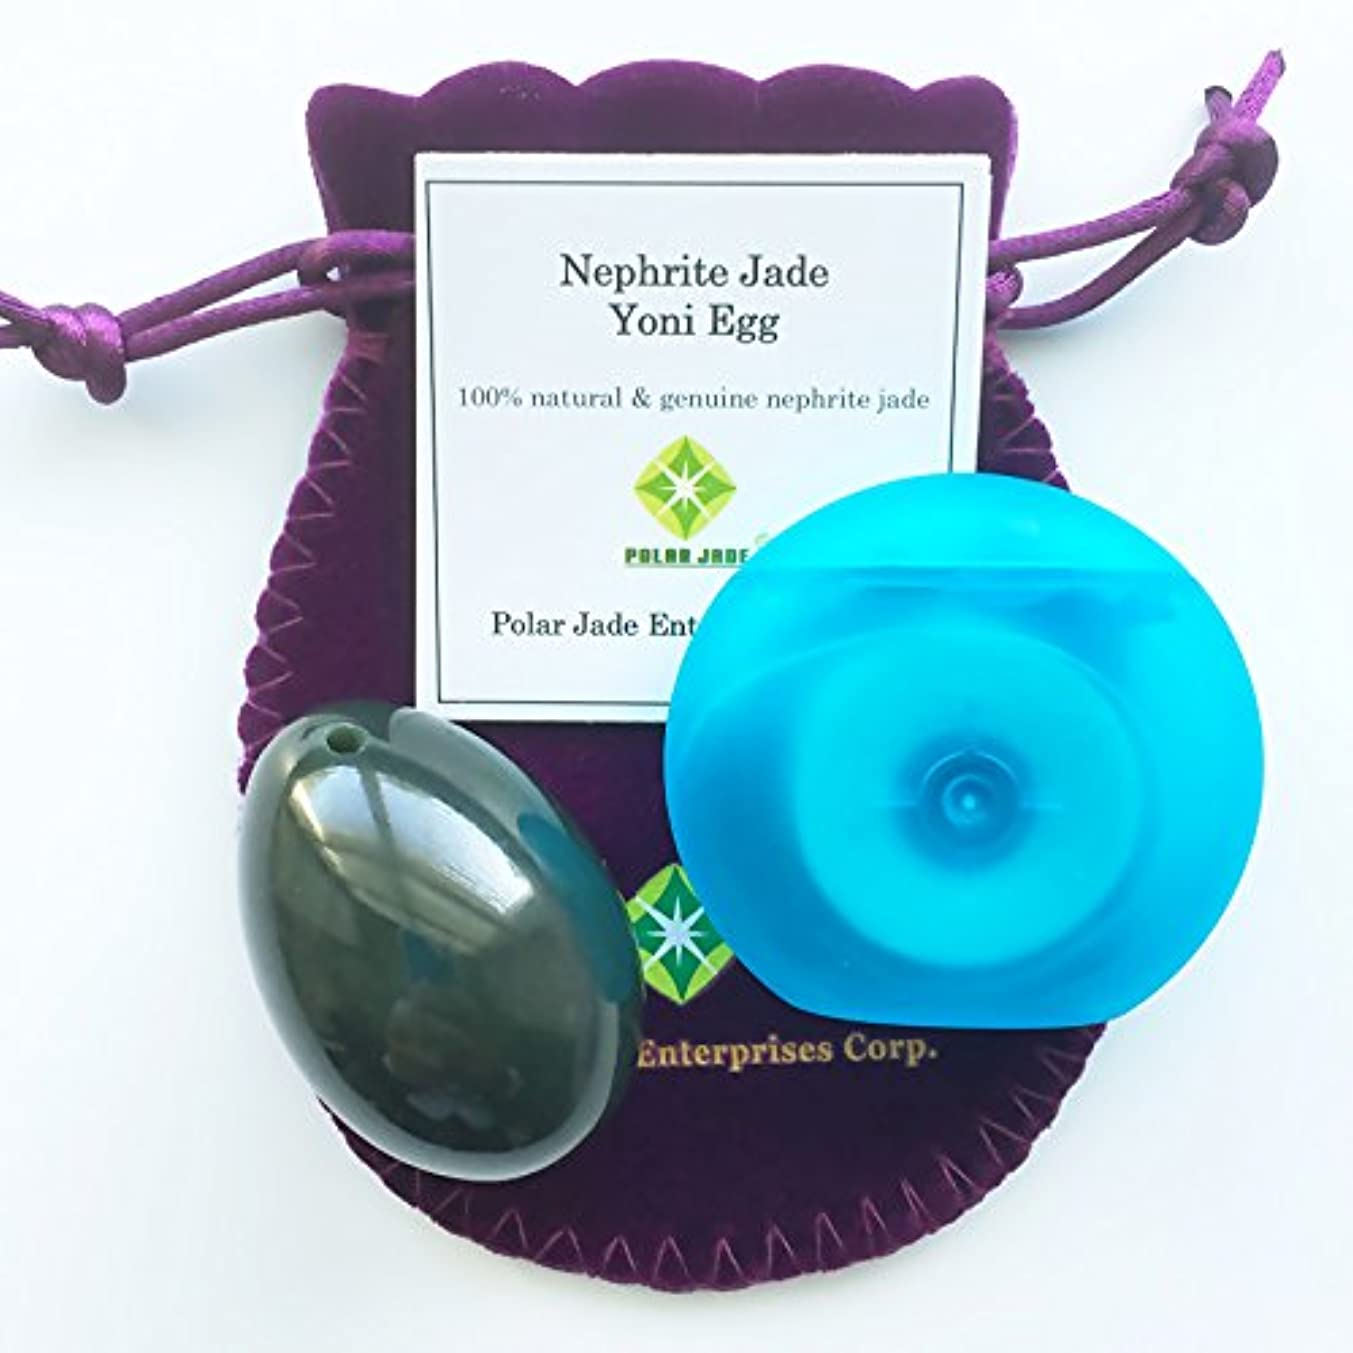 逃げるチャップ離れたネフライト翡翠卵(ジェイドエッグ)、紐穴あり、ワックス加工のされていないデンタルフロス一箱同梱、品質証明書及びエッグ?エクササイズの使用説明書(英語)付き、パワーストーンとしても好適 (Nephrite Jade Egg...